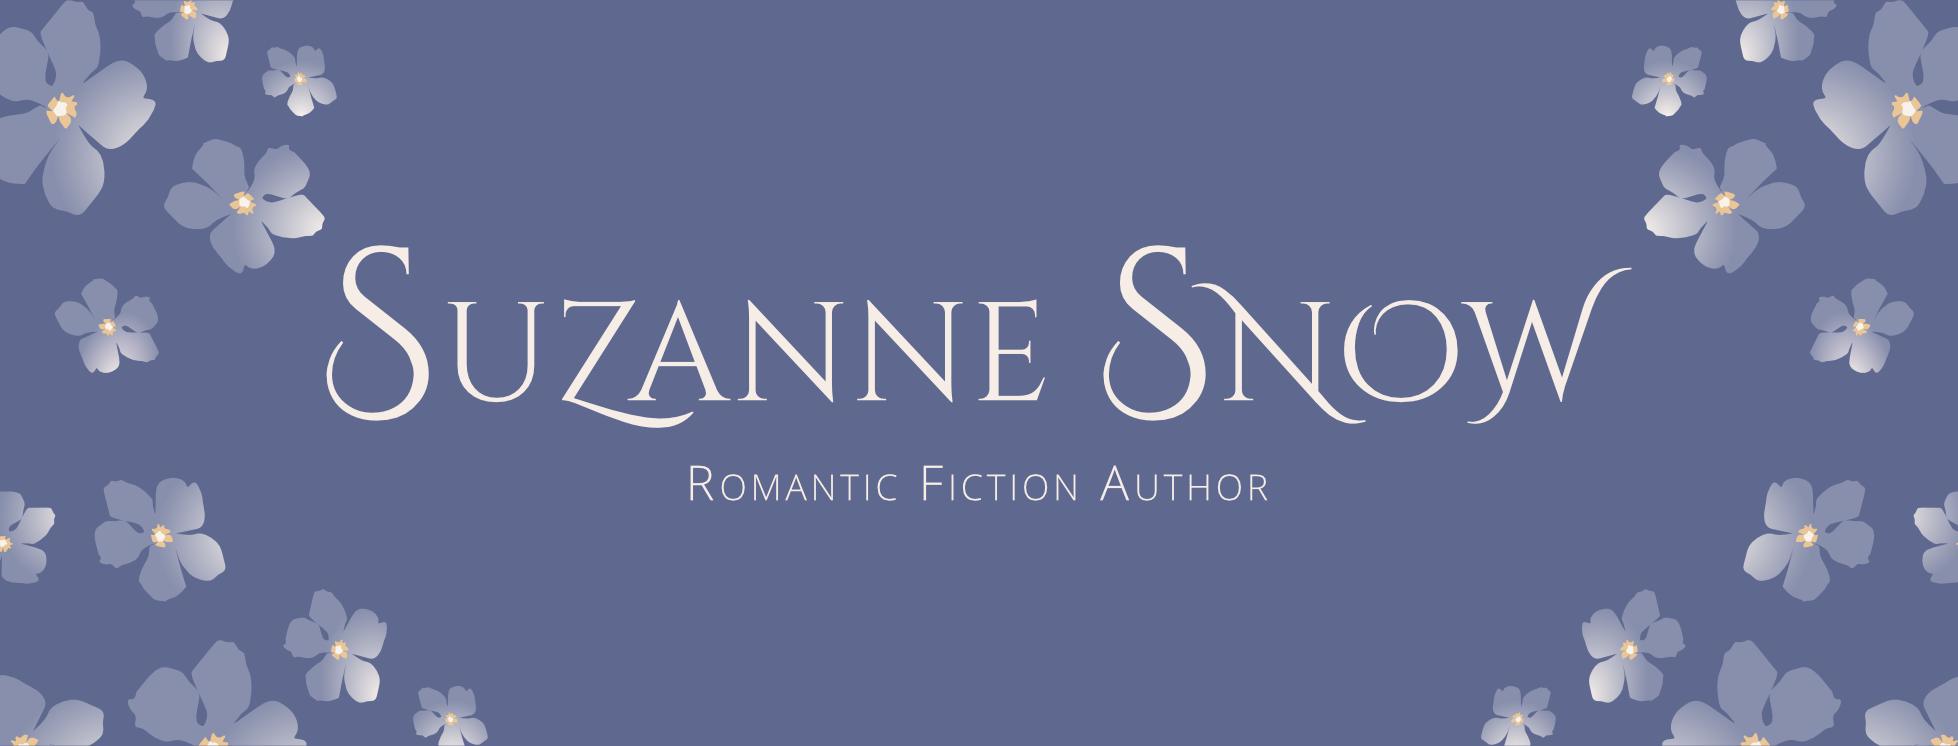 suzanne snow, romantic fiction author